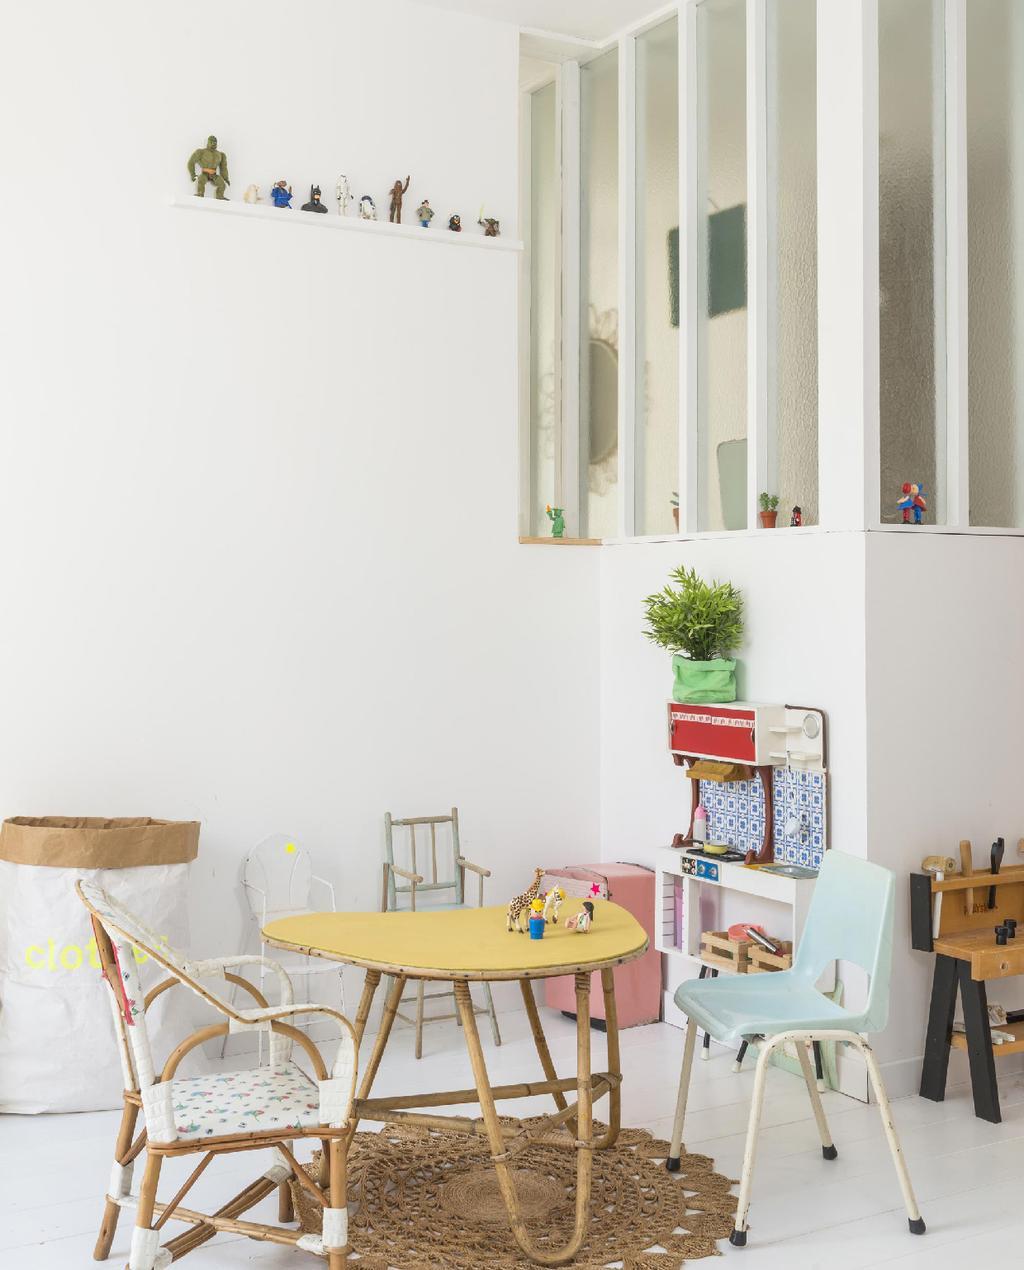 vtwonen 09-2015 | binnenkijken biarritz kinderkamer speelhoek met vintage rotan meubels